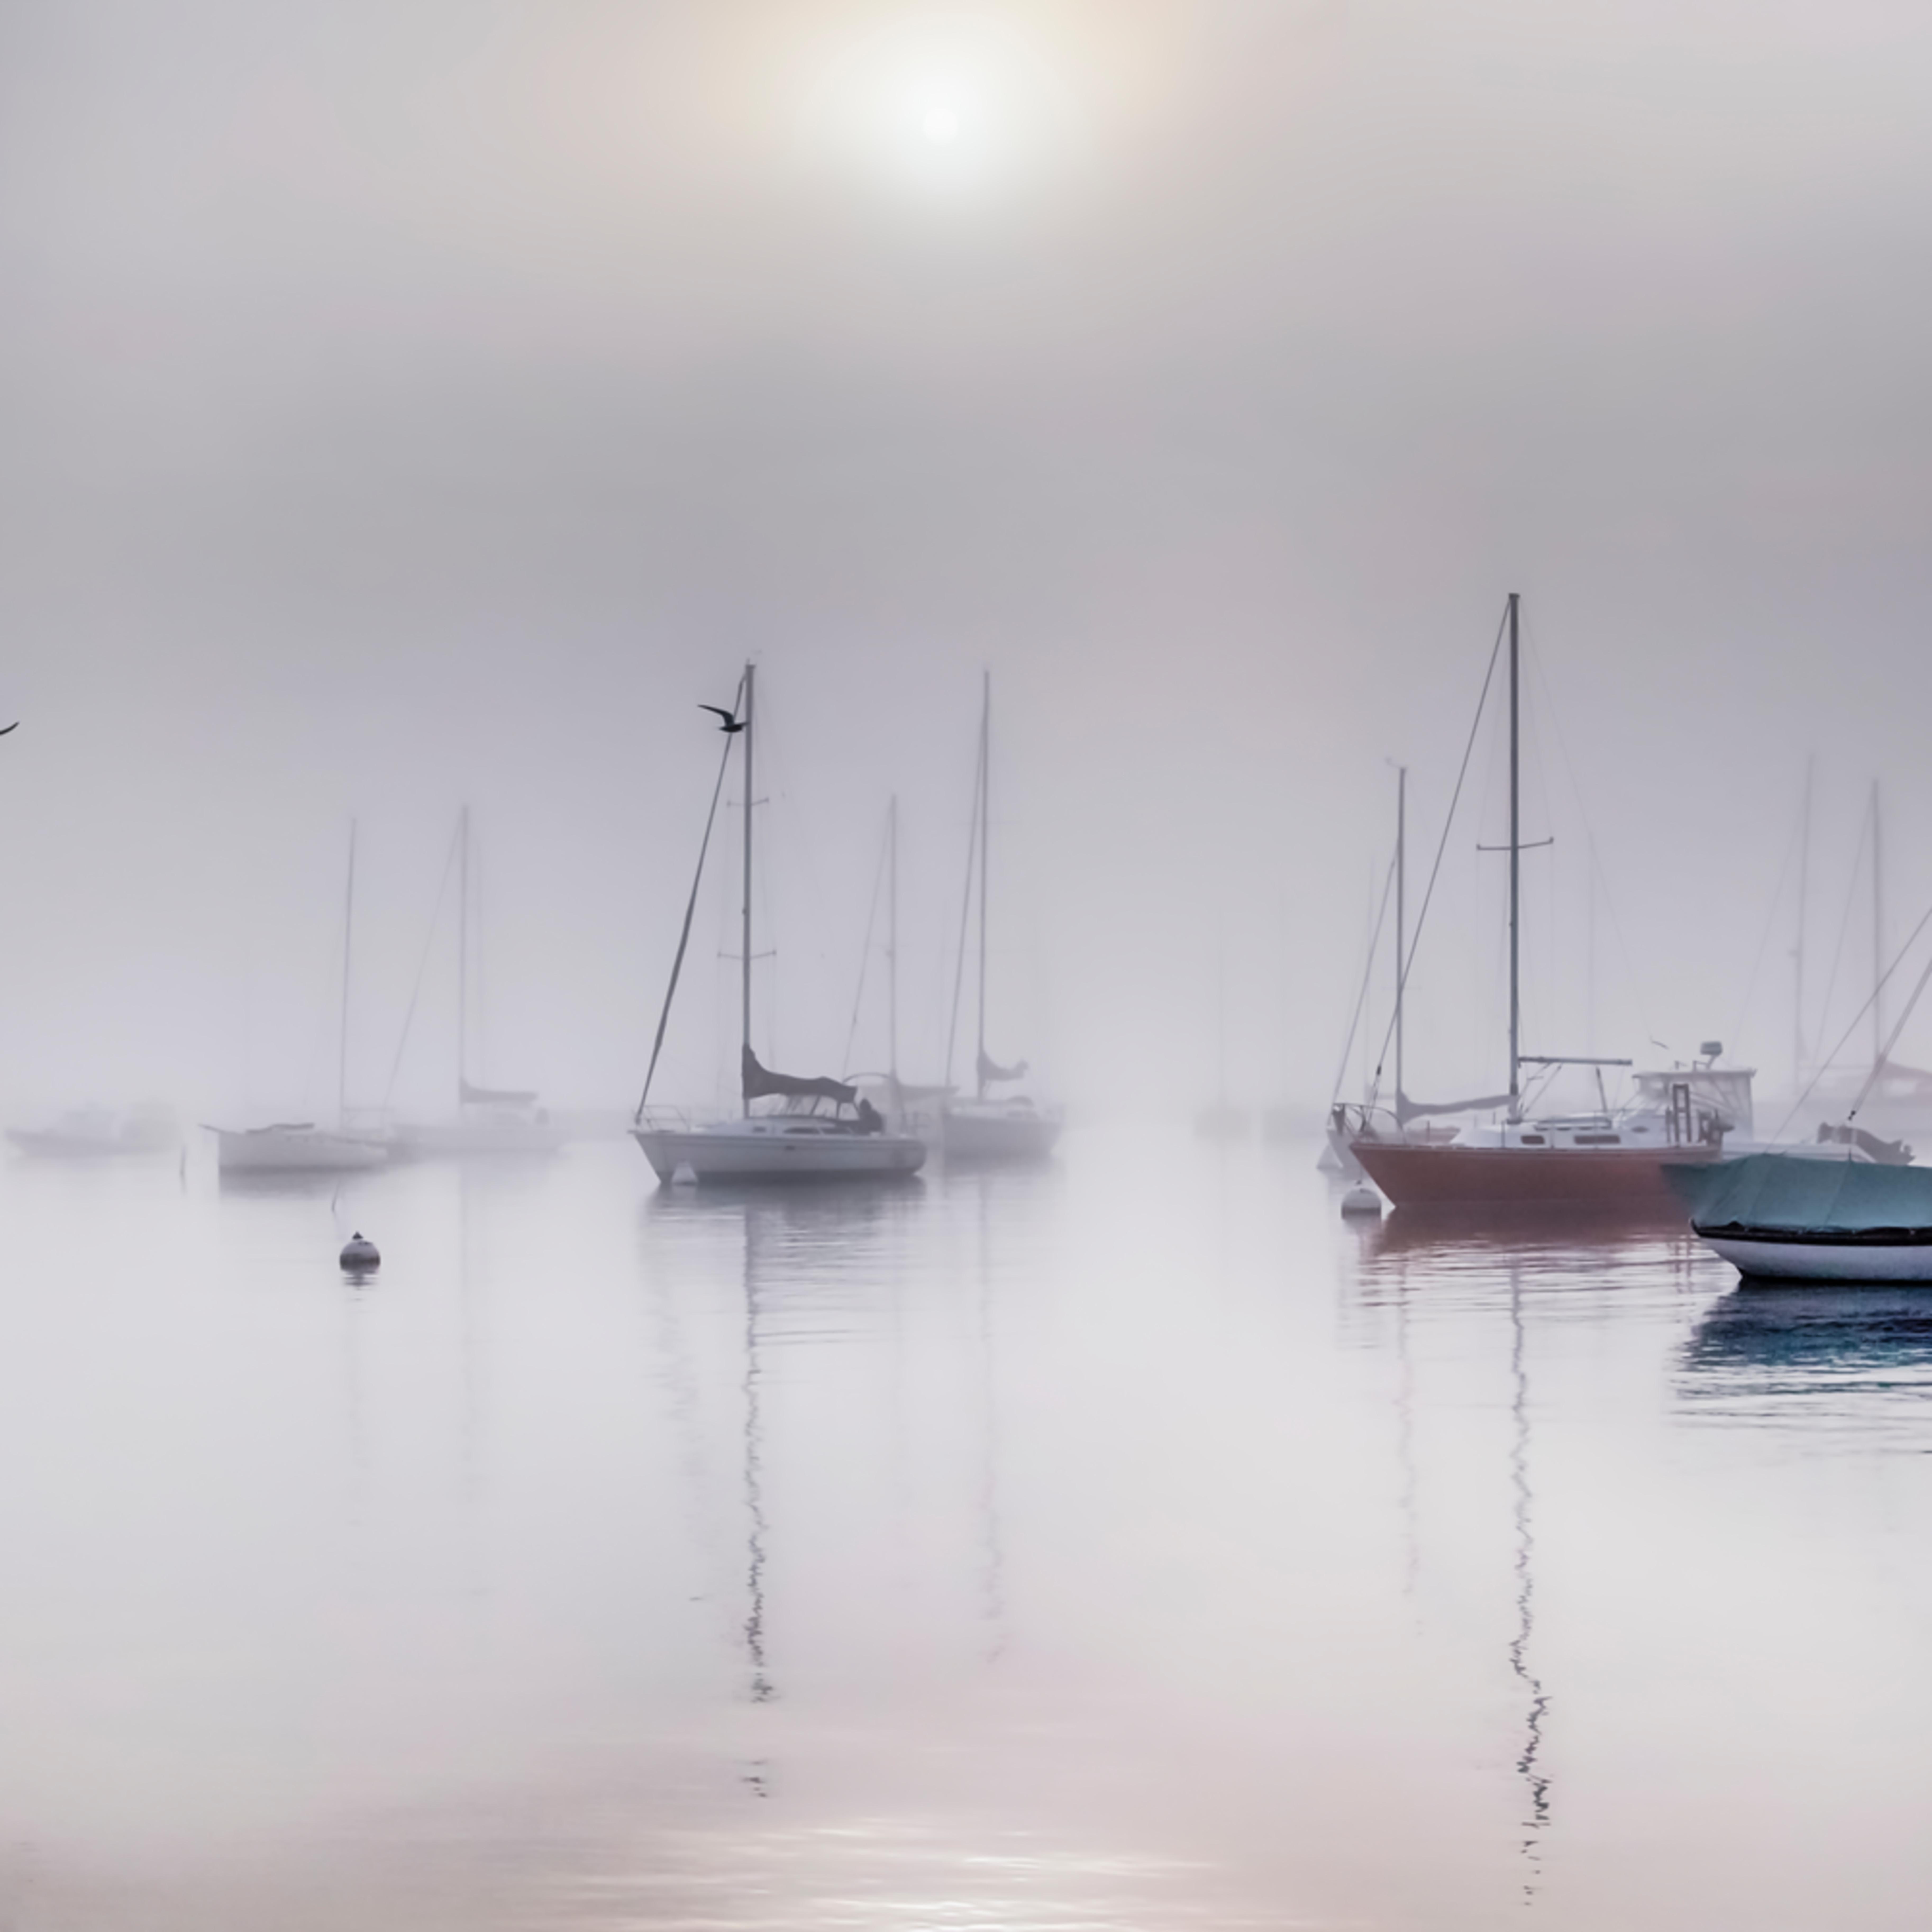 Vineyard haven harbor fog d2flmr